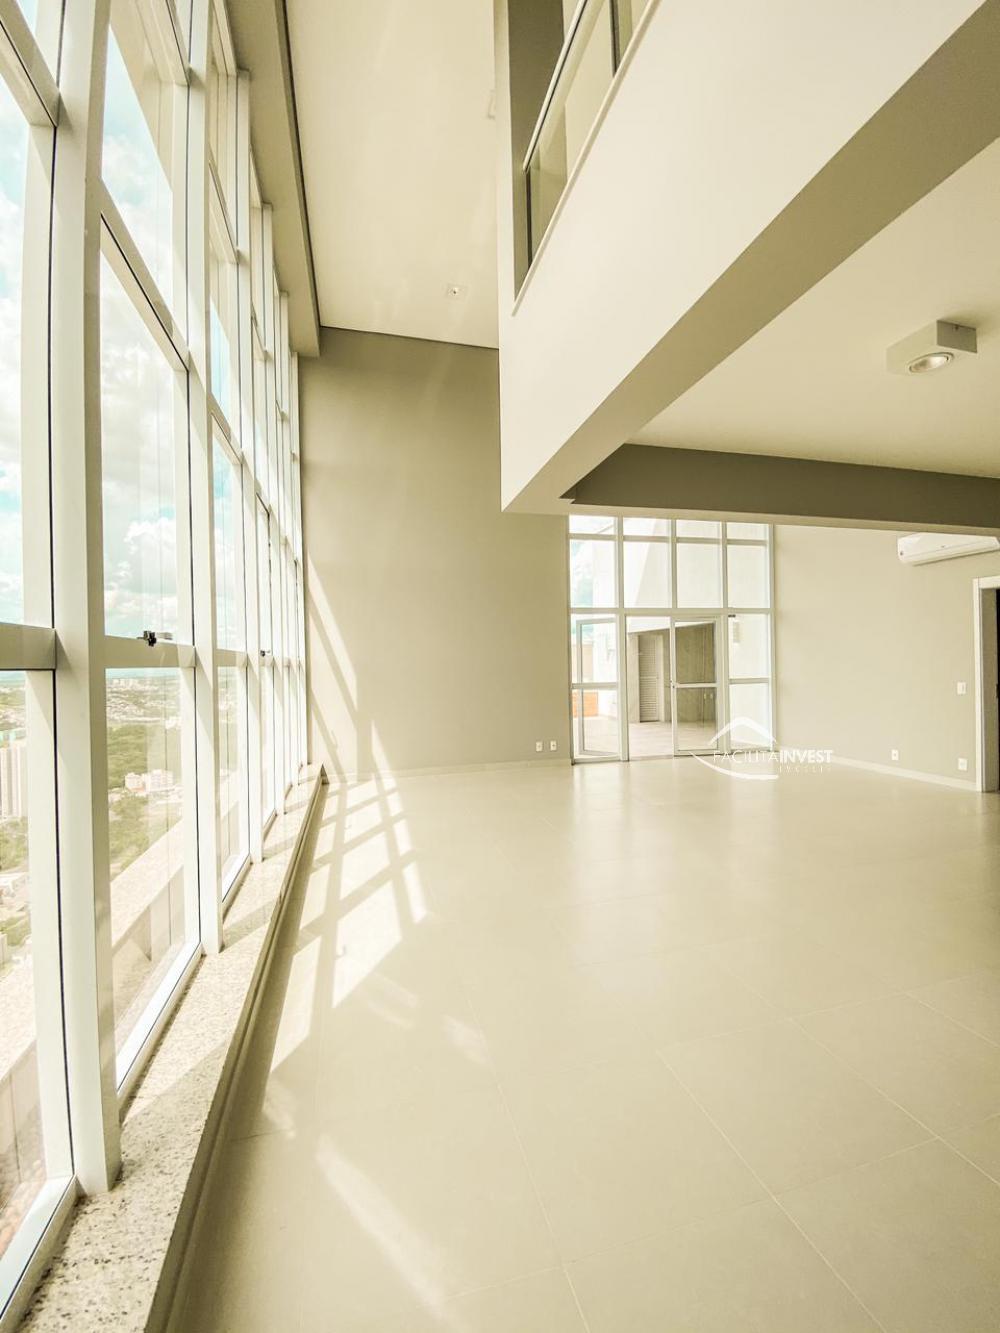 Comprar Apartamentos / Cobertura em Ribeirão Preto R$ 2.350.000,00 - Foto 6